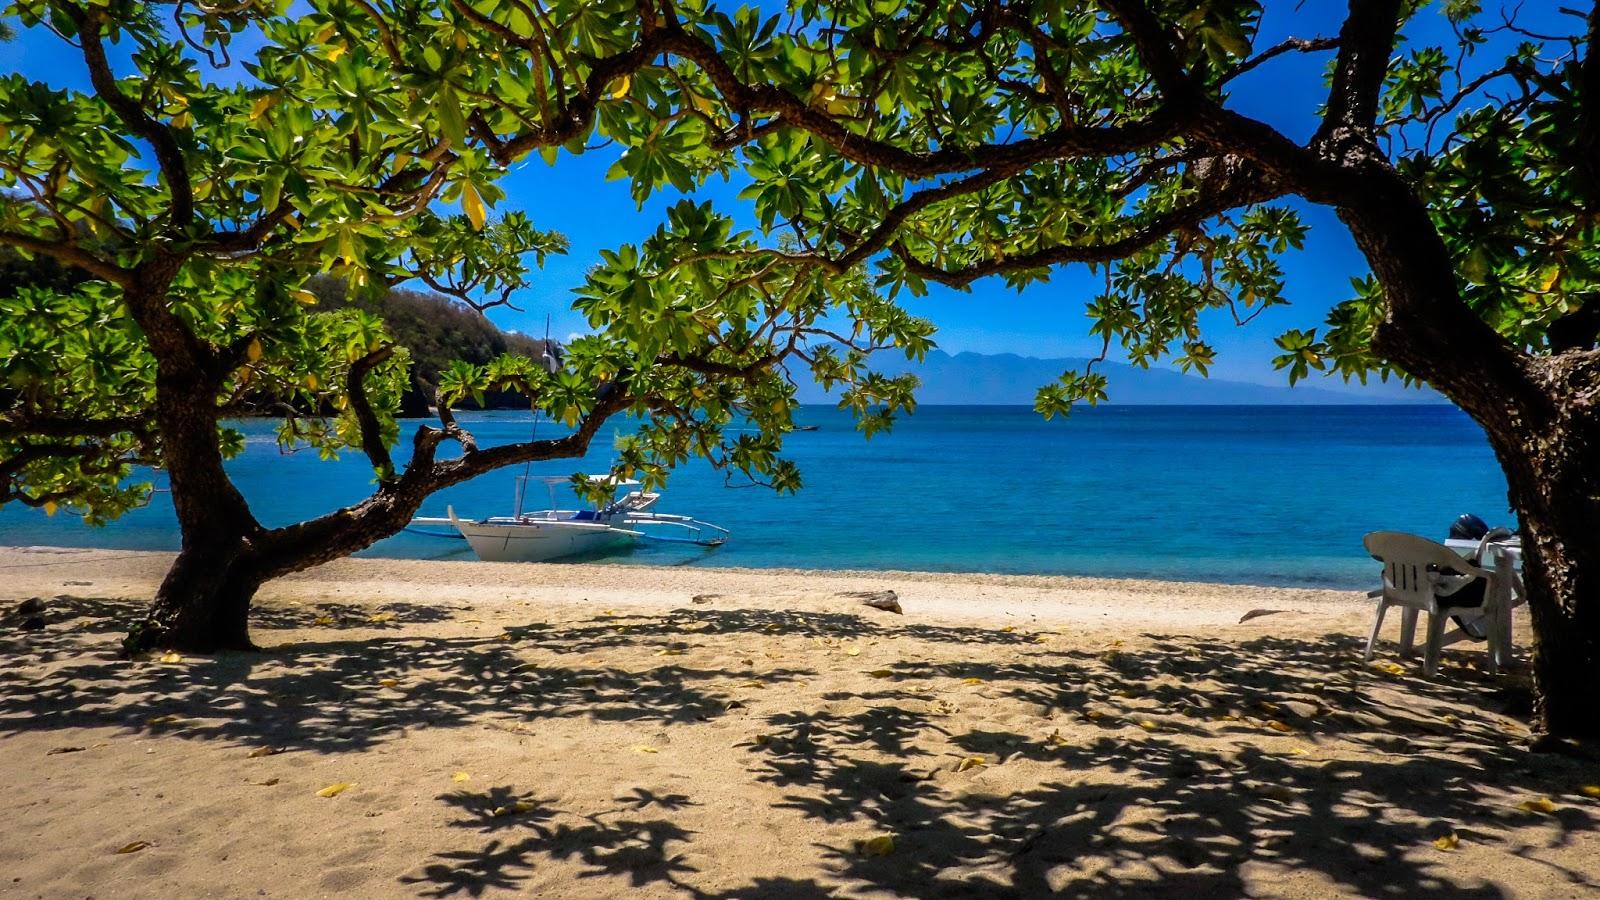 Sepoc Island's pristine water